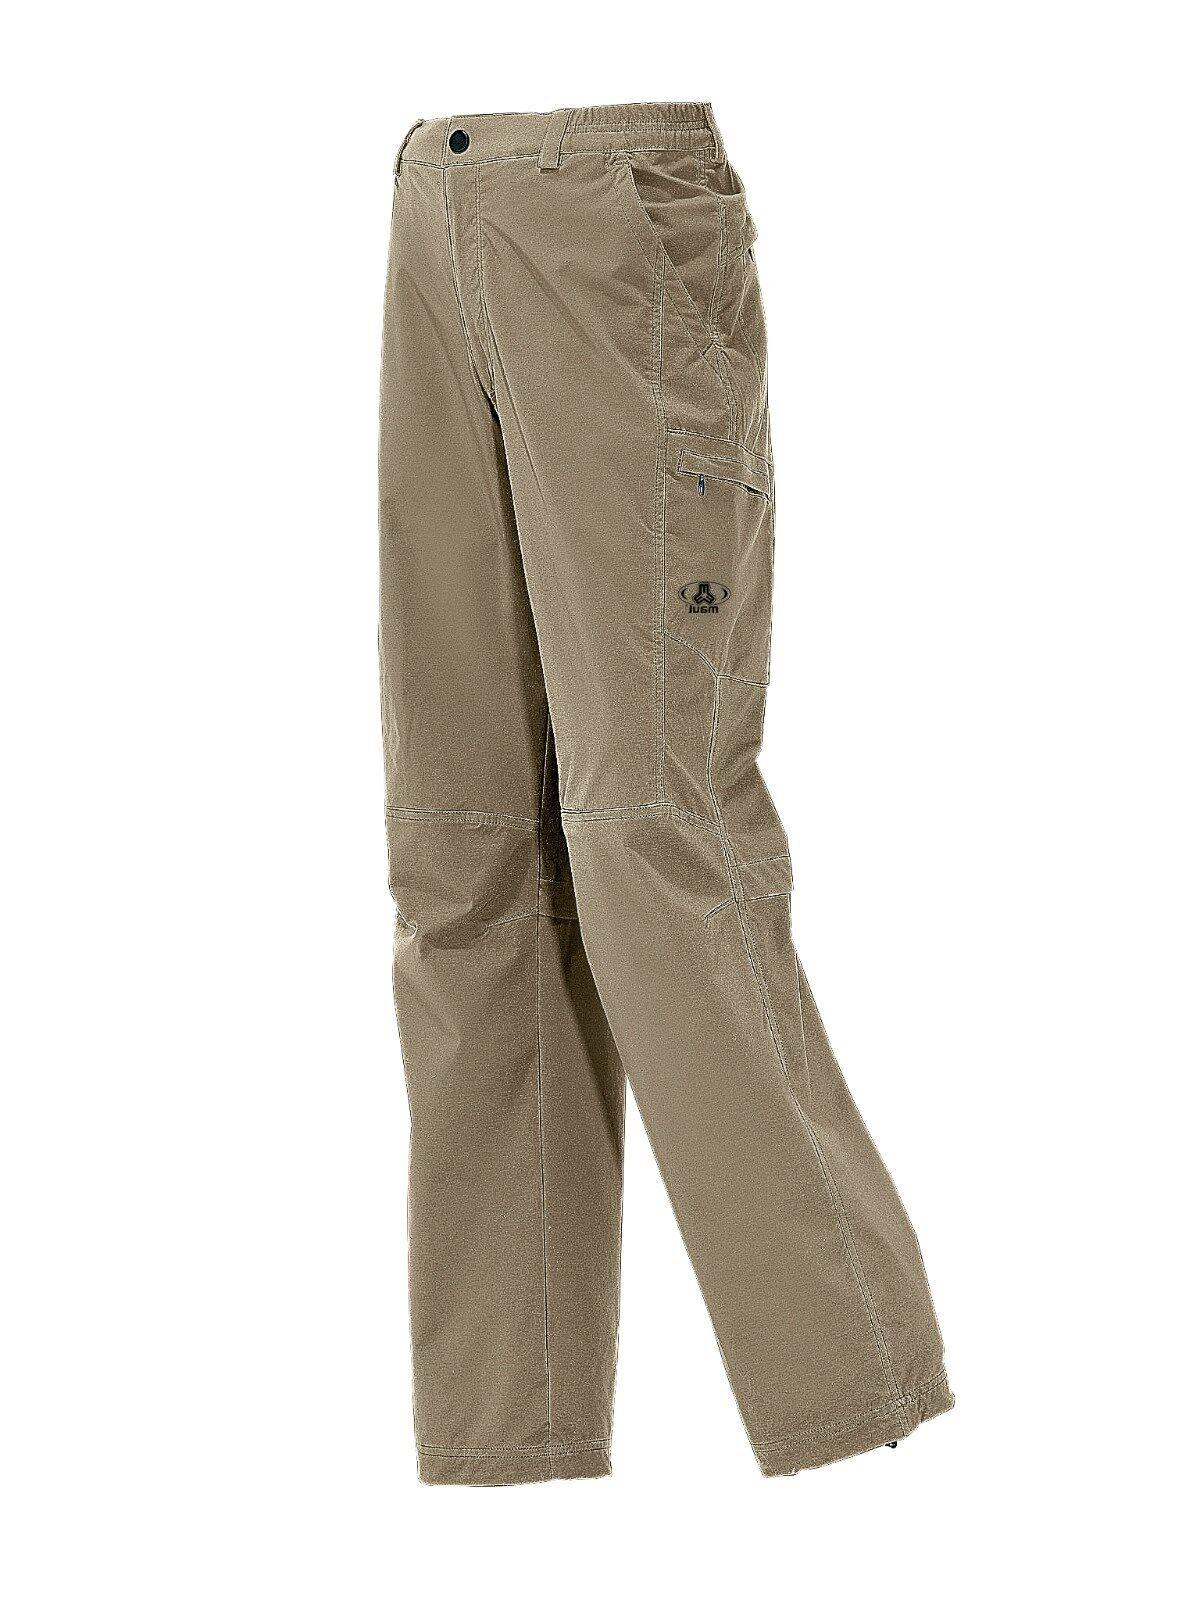 Maul Donna Pantaloni Pantaloni funzione lunghezza di crema STRETCH TAGLIA 36 38 40 42 44 NUOVO m-40